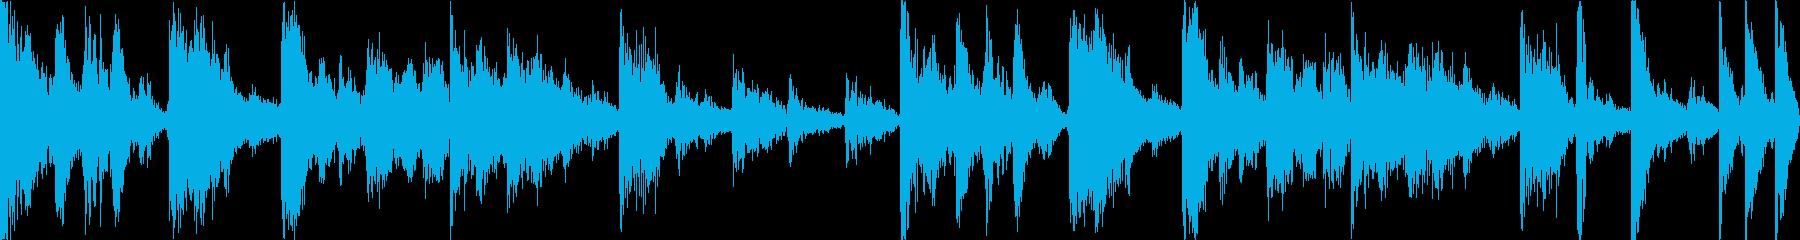 【ループD】ファンキーなブレイクビーツの再生済みの波形